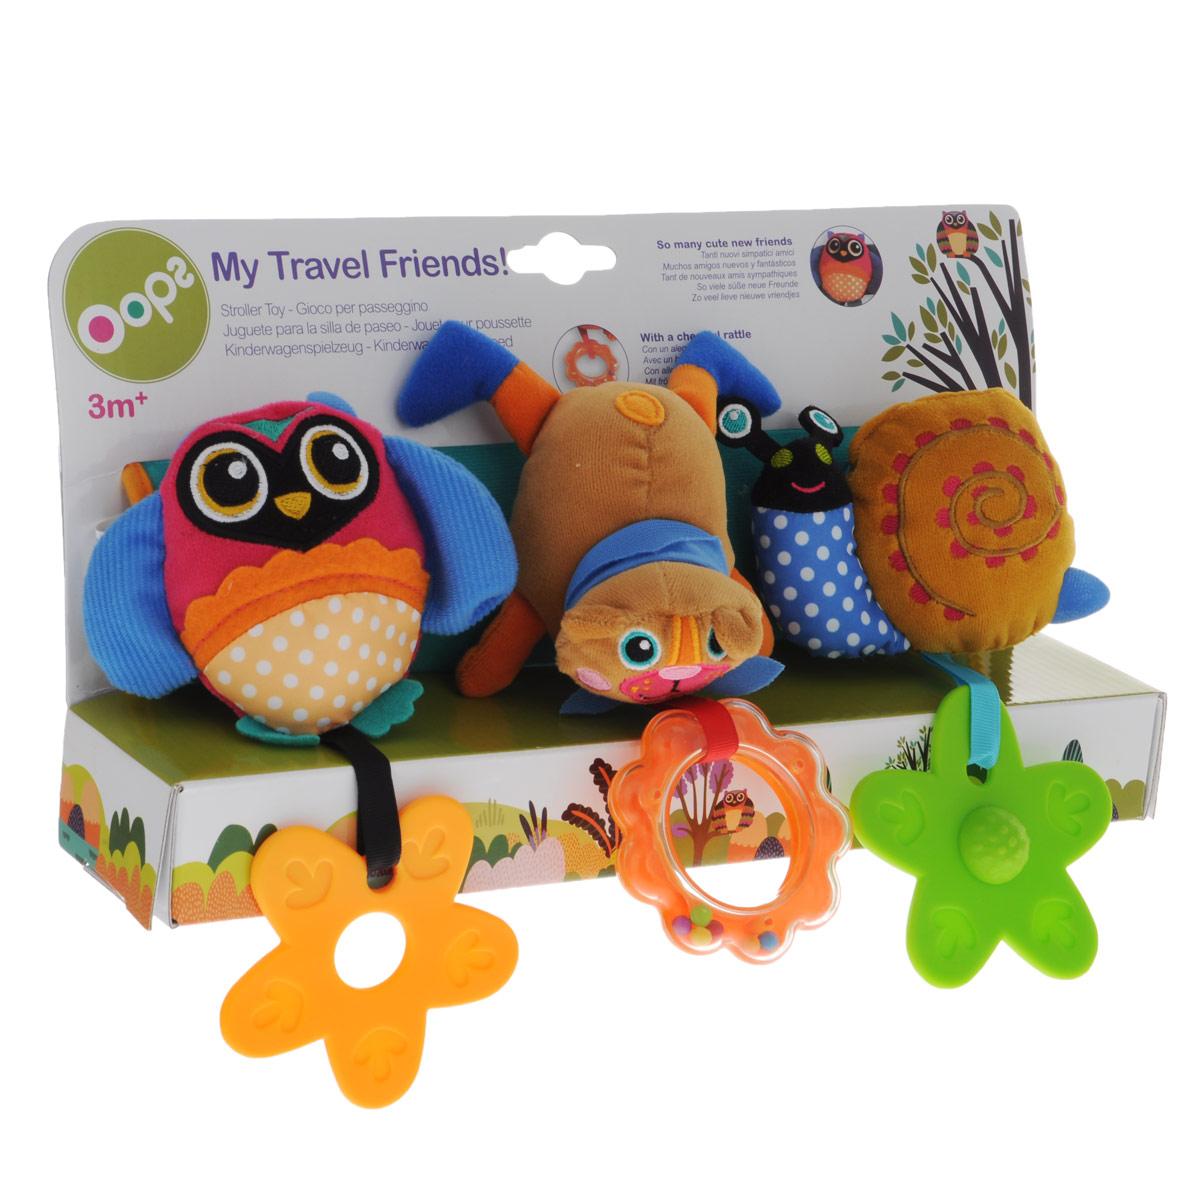 Игрушка-подвеска OOPS My Travel Friends, на манжетеO 12004.10Игрушка-подвеска OOPS My Travel Friends представляет собой развивающий комплекс на манжете, к которой прикреплены игрушки в виде совушки, собачки и улитки. Игрушки выполнены из текстильных материалов различной фактуры. Малыш сможет поворачивать их в обе стороны под веселые звуки трещотки. На текстильные веревочки к игрушкам подвешены два прорезывателя и погремушка. С помощью липучки манжету можно прикрепить к кроватке, коляске, автокреслу или игровой дуге малыша. Играя с этими милыми животными в пути, ваш ребенок будет развивать крупную и мелкую моторику рук, цветовое восприятие и координацию движений.